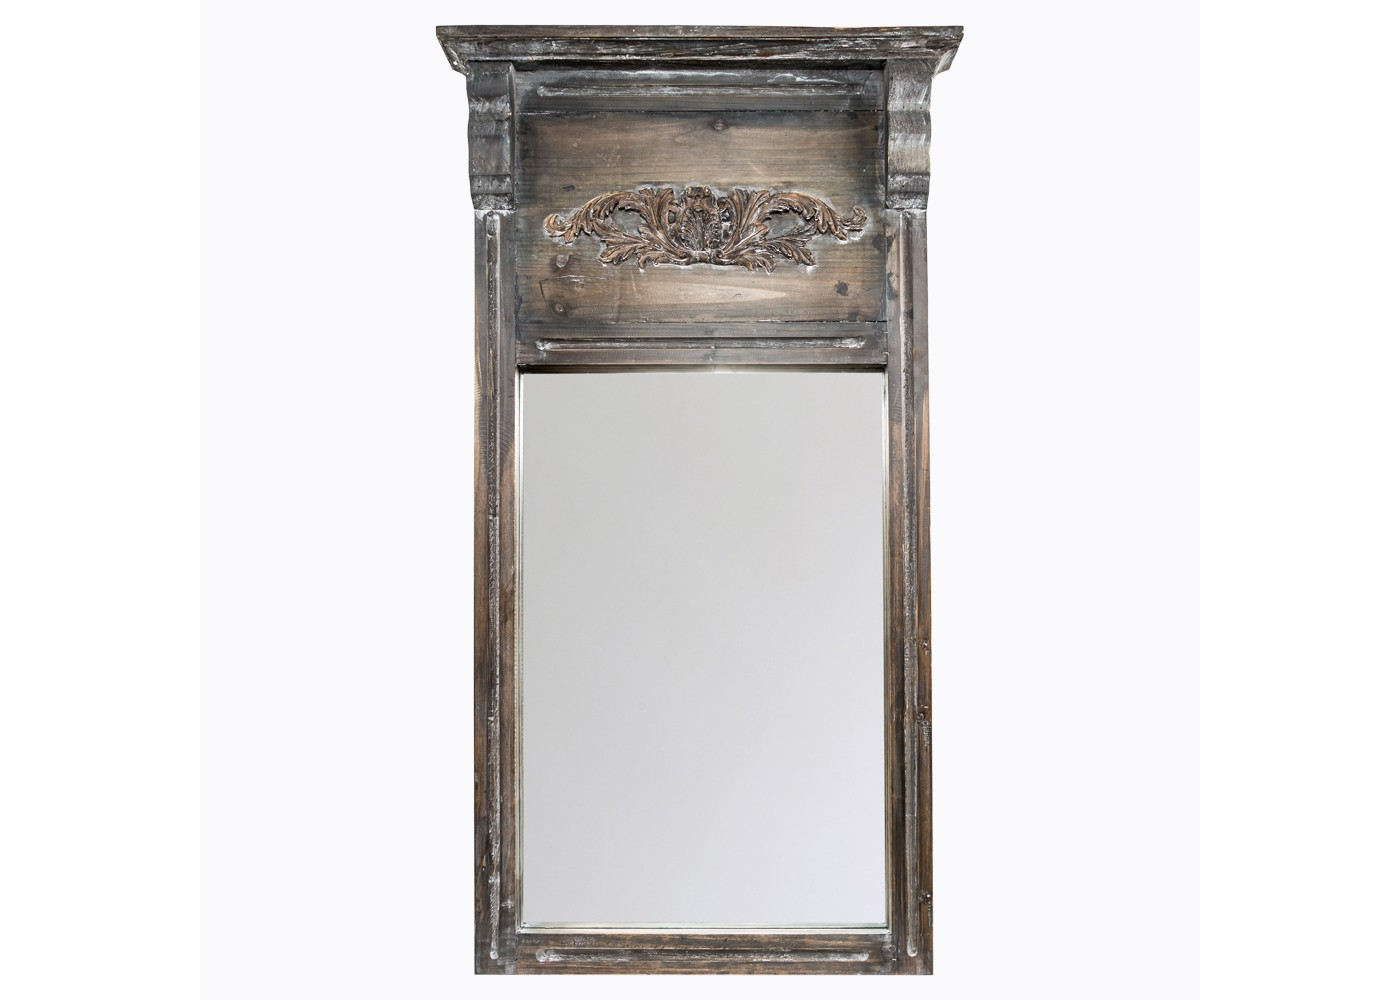 Настенное зеркало «Вандом»Настенные зеркала<br>Оформление зеркала &amp;quot;Вандом&amp;quot; угождает и романтическим, и сдержанным вкусам одновременно. Этот старинный &amp;quot;портал&amp;quot;, очаровывающий скромностью витиеватого резного узора и грацией волнообразных наличников, приглашает с головой окунуться в великолепие винтажа. В благородной фактуре натуральной ели, неровностях цветовой палитры и аккуратных, но атмосферных акцентах, скрыто подлинное очарование этого стиля. Декор &amp;quot;Вандом&amp;quot;, такой загадочный и строгий, позволит вам познать его в полной мере.&amp;lt;div&amp;gt;&amp;lt;br&amp;gt;&amp;lt;/div&amp;gt;&amp;lt;div&amp;gt;Можно использовать чистящие средства для рамы.&amp;lt;/div&amp;gt;&amp;lt;div&amp;gt;Размер: 64?114?11 см.&amp;lt;/div&amp;gt;<br><br>Material: Дерево<br>Width см: 64<br>Depth см: 11<br>Height см: 114